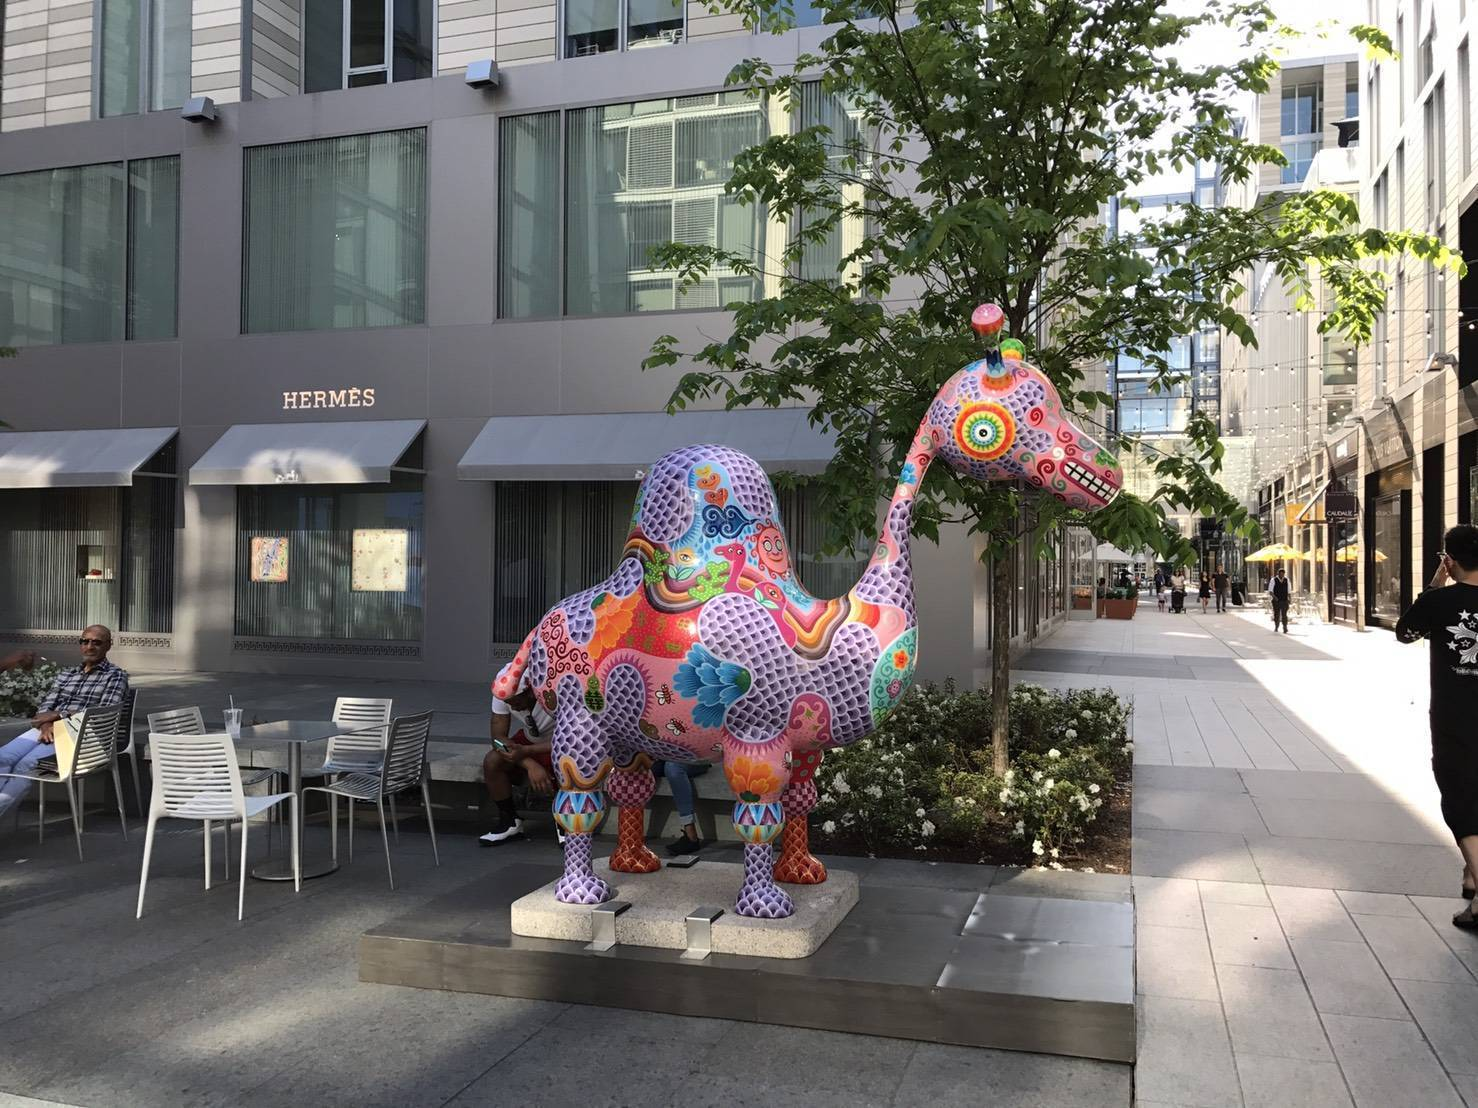 洪易熱情奔放的作品「駱駝」,與華盛頓DC美輪美奐的城市空間完美結合,使藝術品與建築之間產生新的對話。